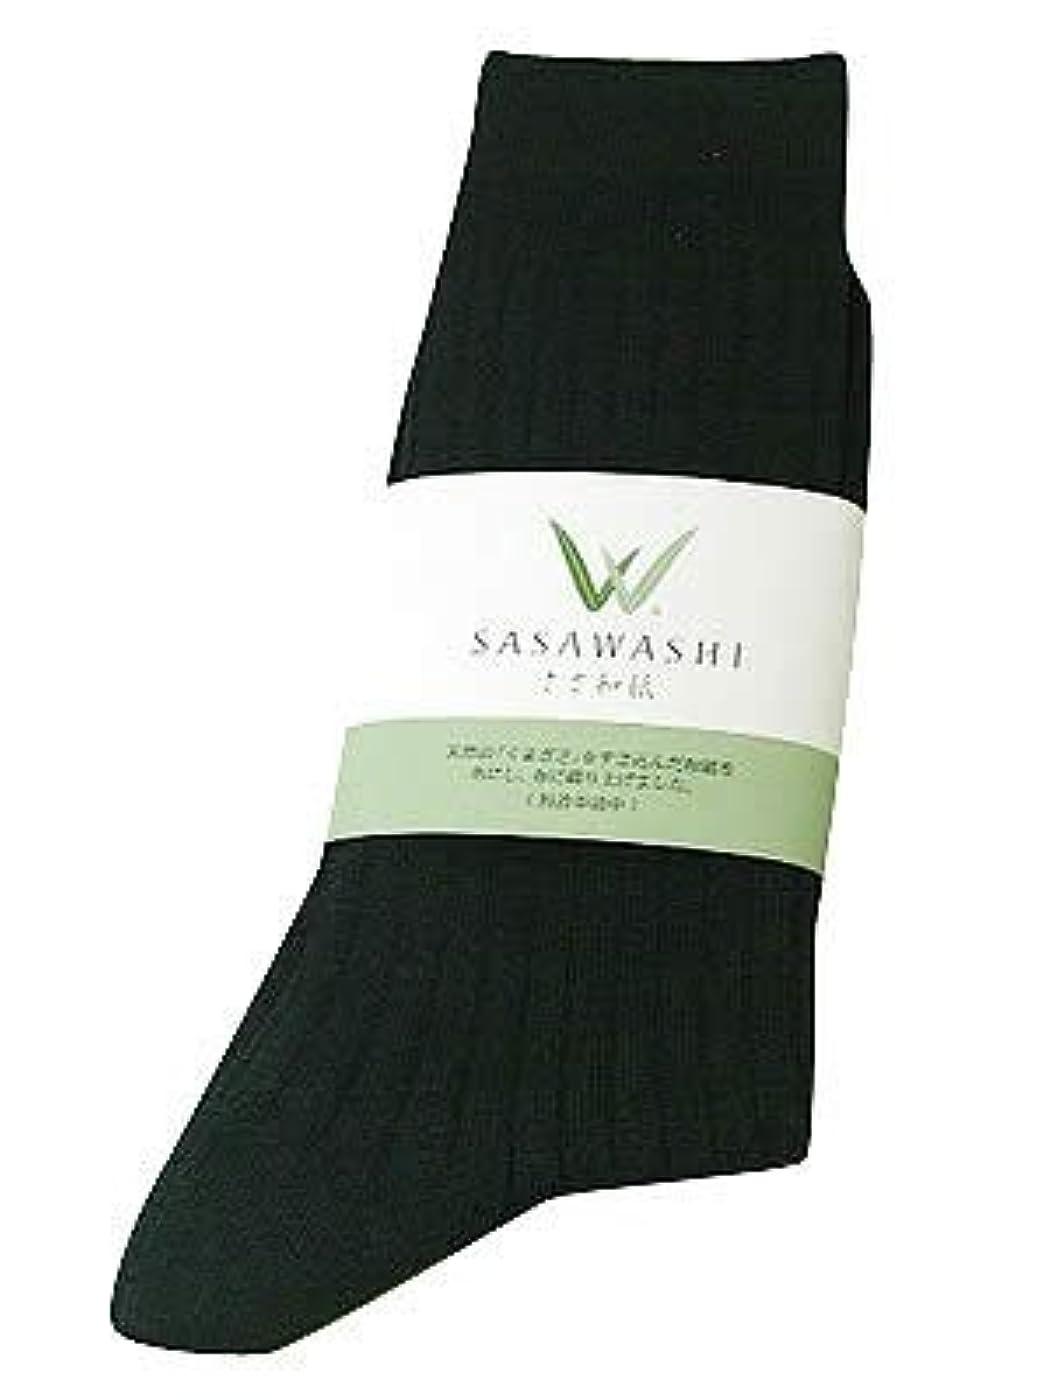 引用下る温帯ささ和紙 メンズリブ靴下 ブラック